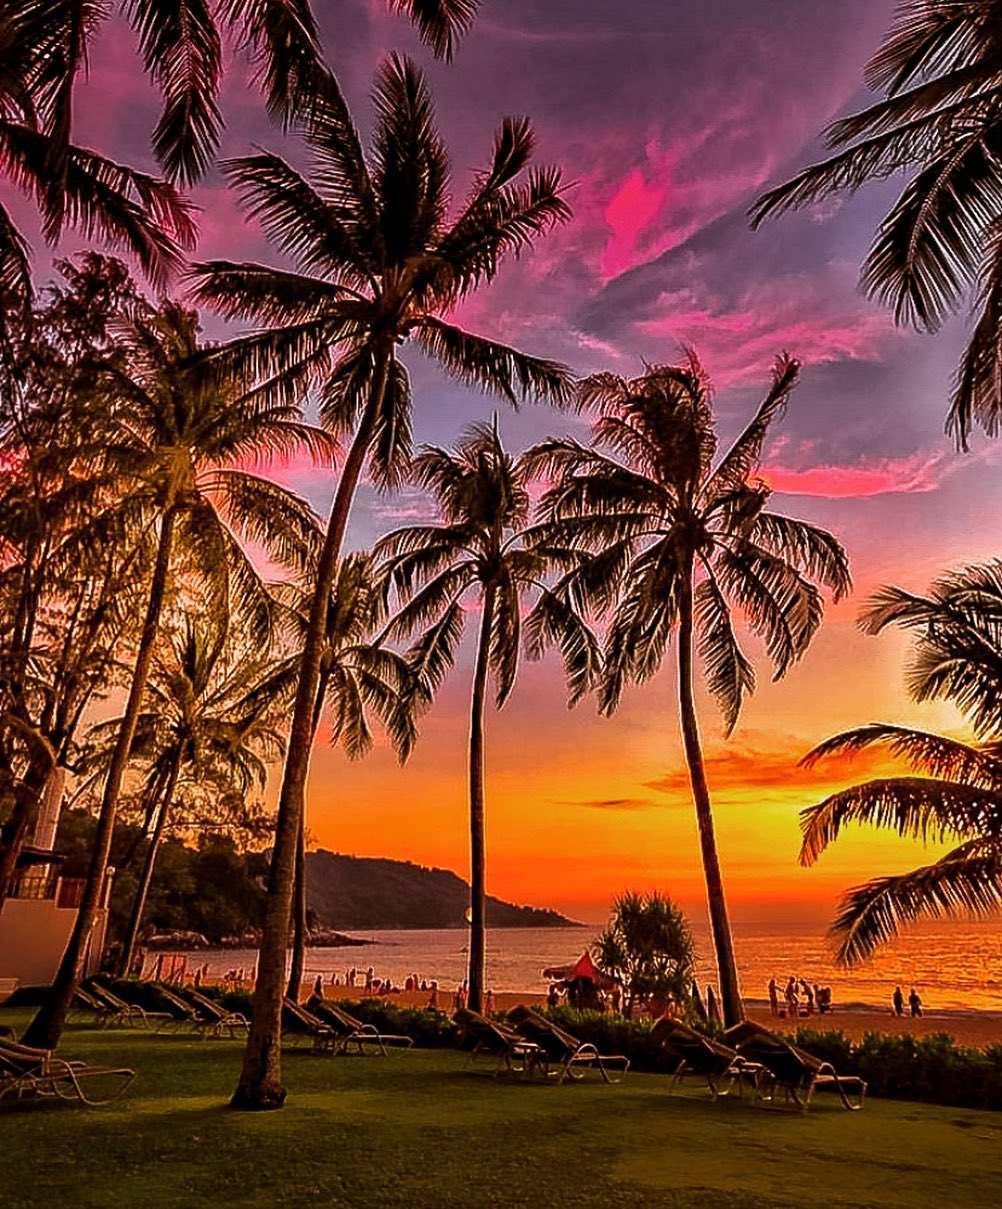 Palmbomen tijdens zonsondergang op Koh Tao